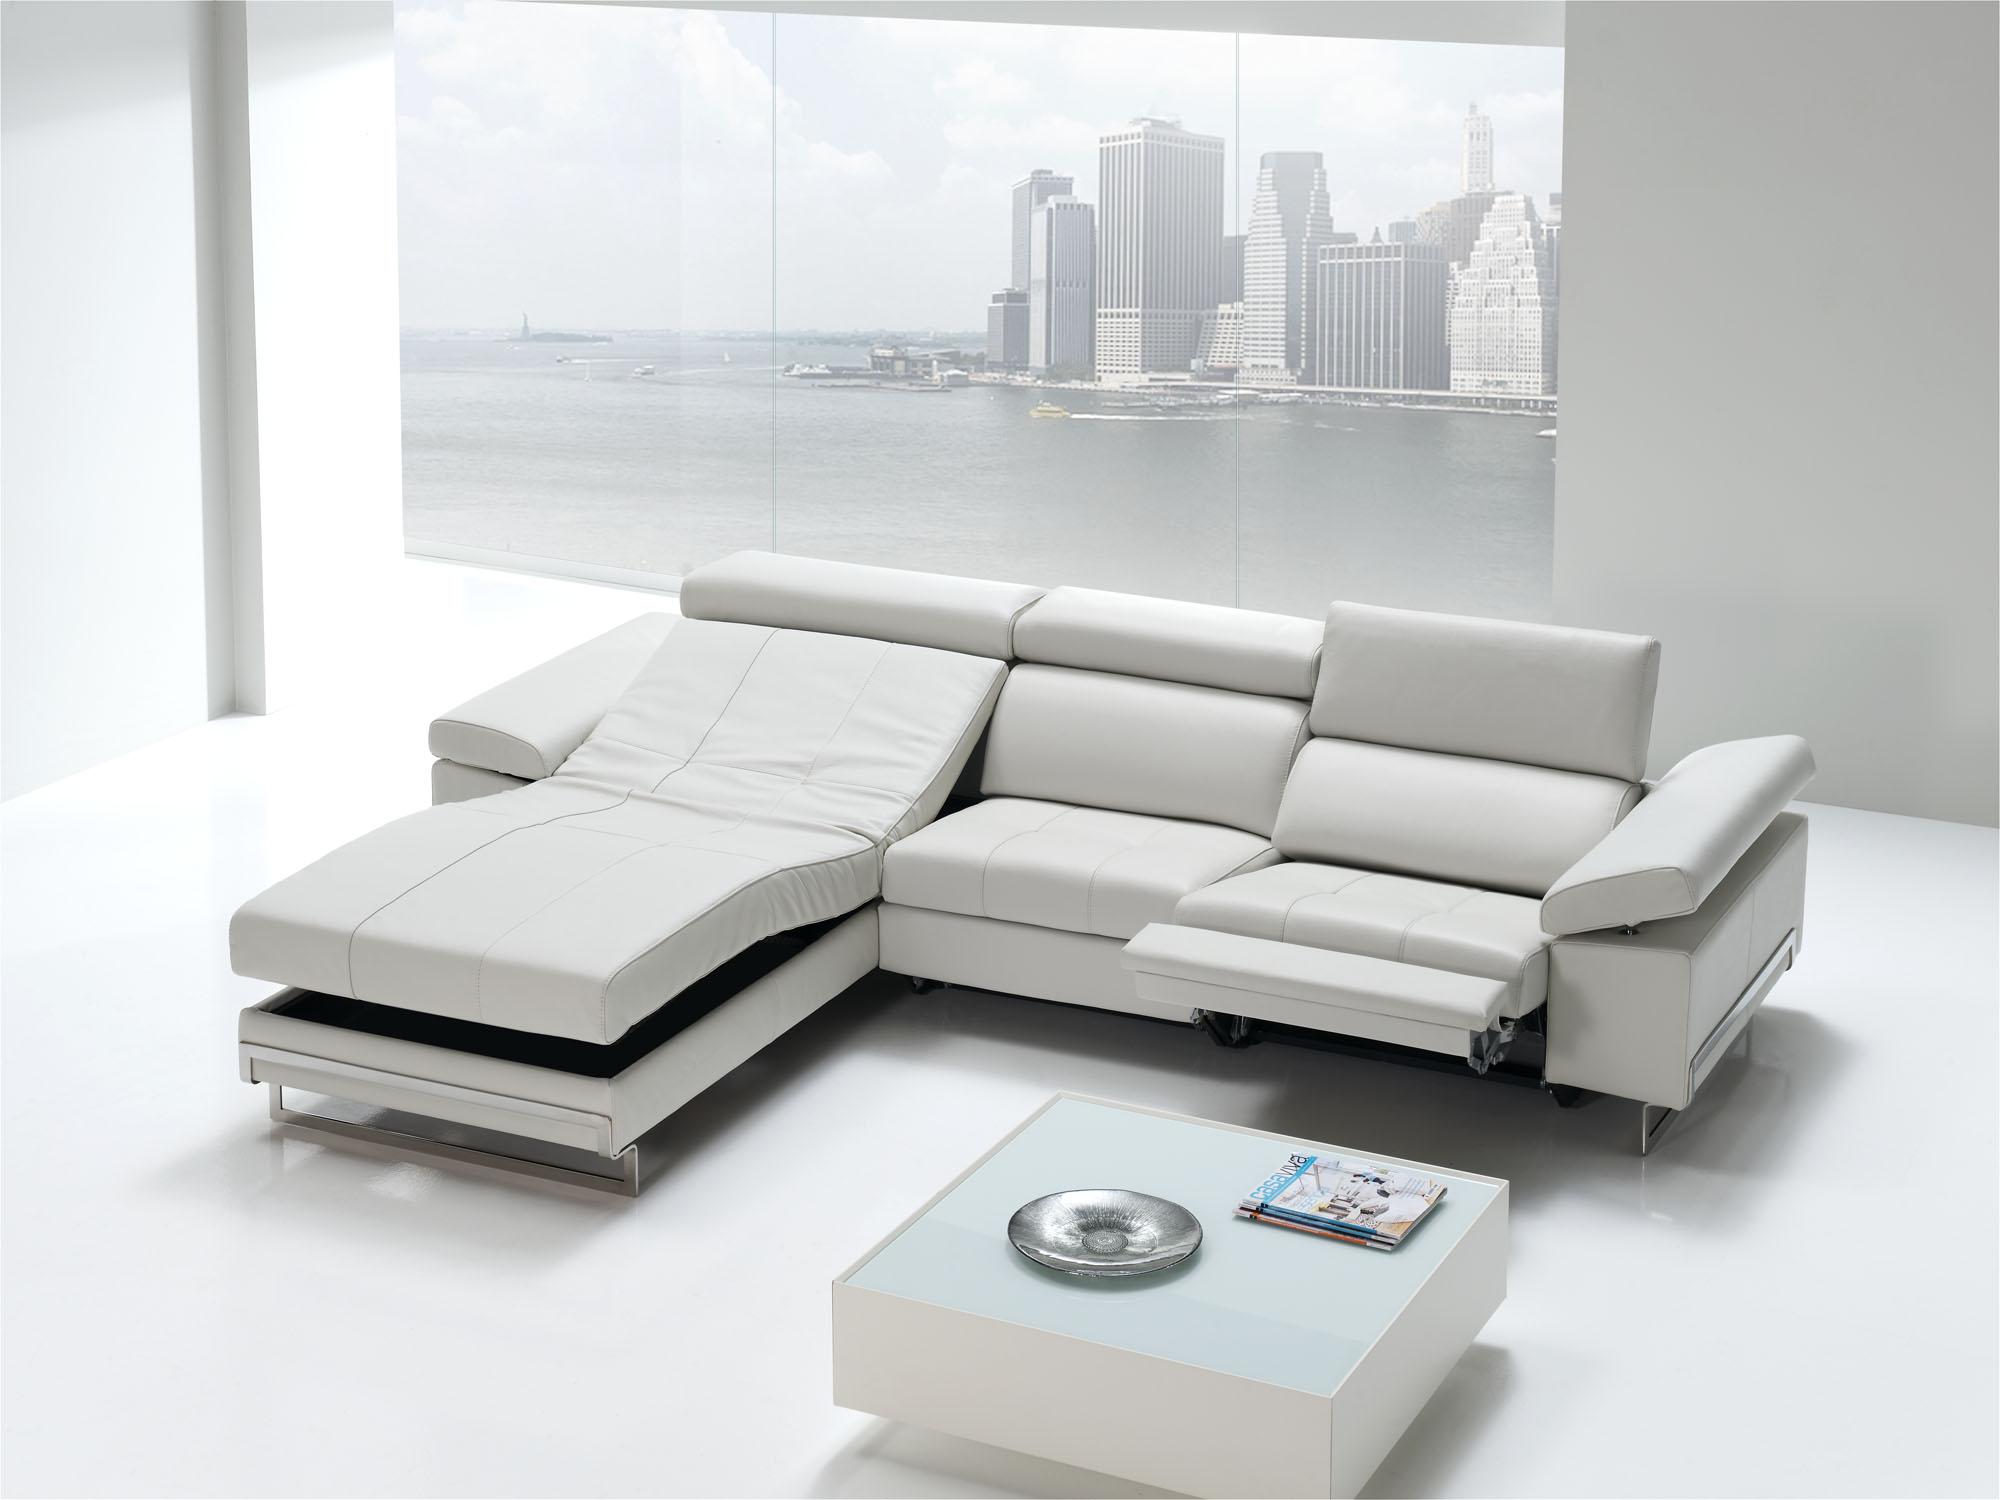 muebles soriano obtenga ideas dise o de muebles para su